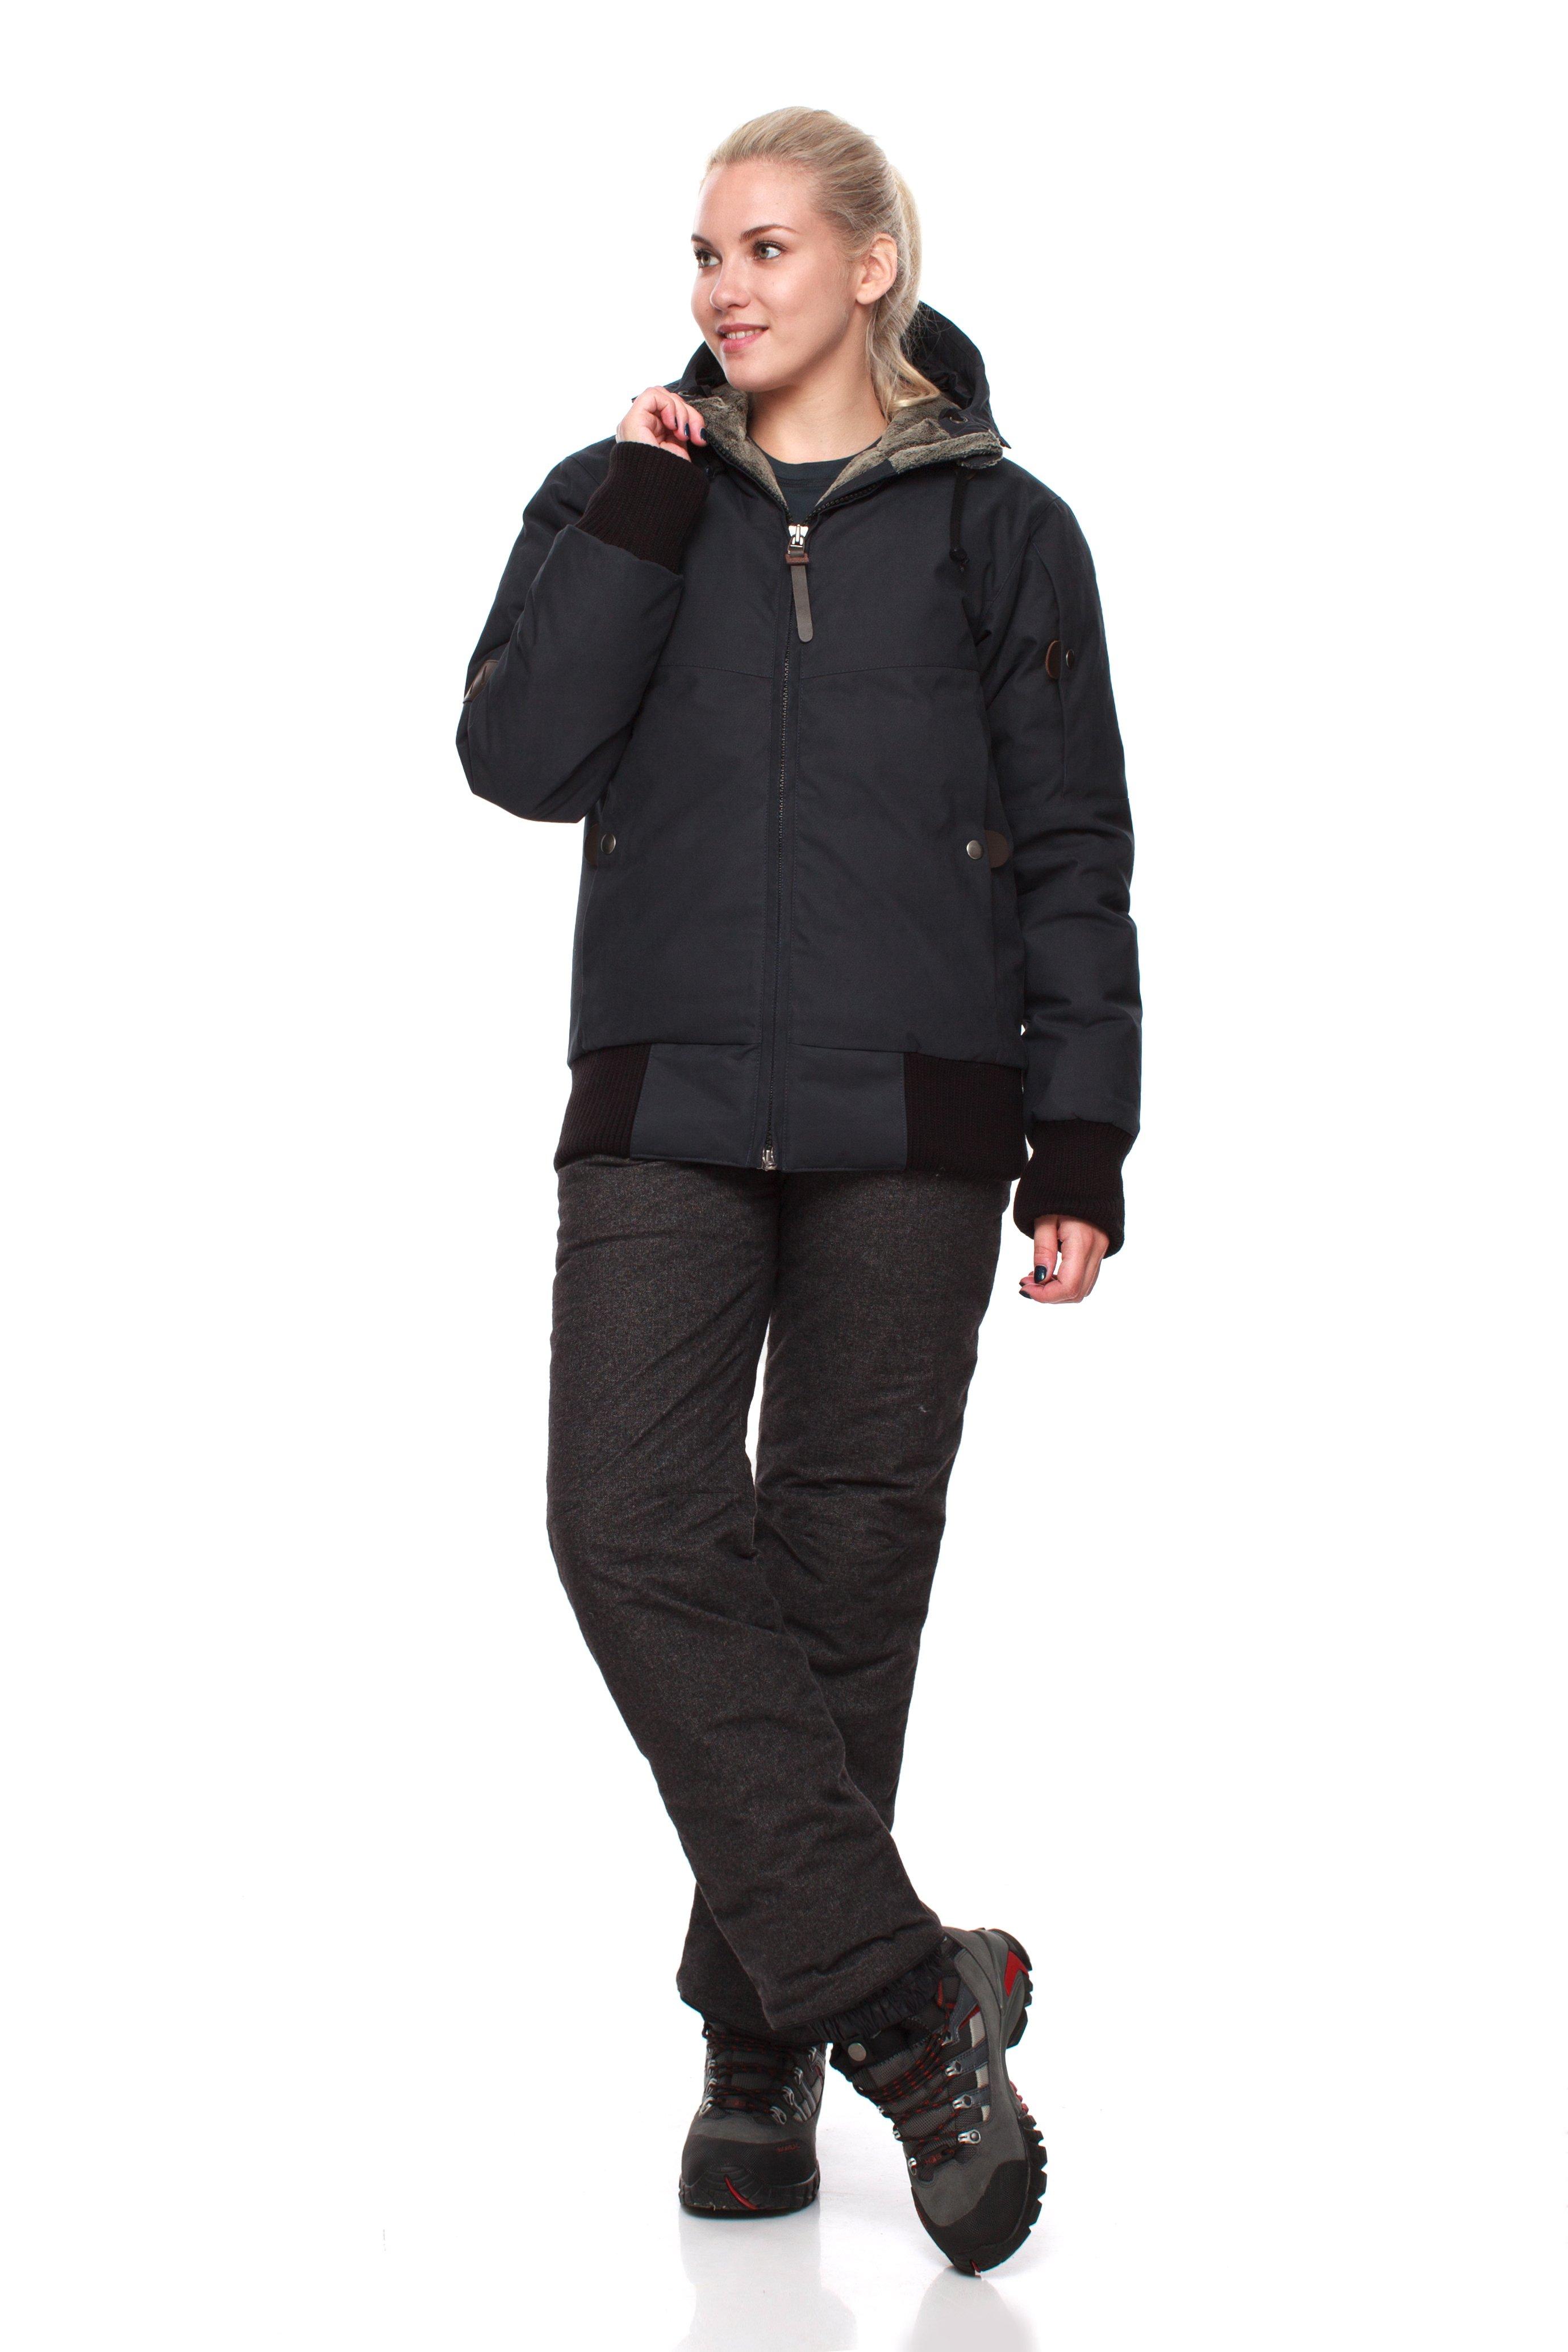 Пуховая куртка BASK YGRA HARD 3779Куртки<br><br><br>&quot;Дышащие&quot; свойства: Да<br>Верхняя ткань: Advance® Alaska<br>Вес граммы: 1760<br>Вес утеплителя: 380<br>Ветро-влагозащитные свойства верхней ткани: Да<br>Ветрозащитная планка: Да<br>Ветрозащитная юбка: Нет<br>Влагозащитные молнии: Нет<br>Внутренние манжеты: Нет<br>Внутренняя ткань: Advance® Classic<br>Водонепроницаемость: 10000<br>Дублирующий центральную молнию клапан: Нет<br>Защитный козырёк капюшона: Нет<br>Капюшон: Несъемный<br>Карман для средств связи: Нет<br>Количество внешних карманов: 3<br>Количество внутренних карманов: 3<br>Коллекция: Pole to Pole<br>Мембрана: Да<br>Объемный крой локтевой зоны: Нет<br>Отстёгивающиеся рукава: Нет<br>Паропроницаемость: 5000<br>Показатель Fill Power (для пуховых изделий): 650<br>Пол: Женский<br>Проклейка швов: Нет<br>Регулировка манжетов рукавов: Нет<br>Регулировка низа: Нет<br>Регулировка объёма капюшона: Да<br>Регулировка талии: Нет<br>Регулируемые вентиляционные отверстия: Нет<br>Световозвращающая лента: Нет<br>Температурный режим: -25<br>Технология Thermal Welding: Нет<br>Технология швов: Простые<br>Тип молнии: Двухзамковая<br>Тип утеплителя: Натуральный<br>Усиление контактных зон: Нет<br>Утеплитель: Гусиный пух<br>Размер INT: XS<br>Цвет: СИНИЙ